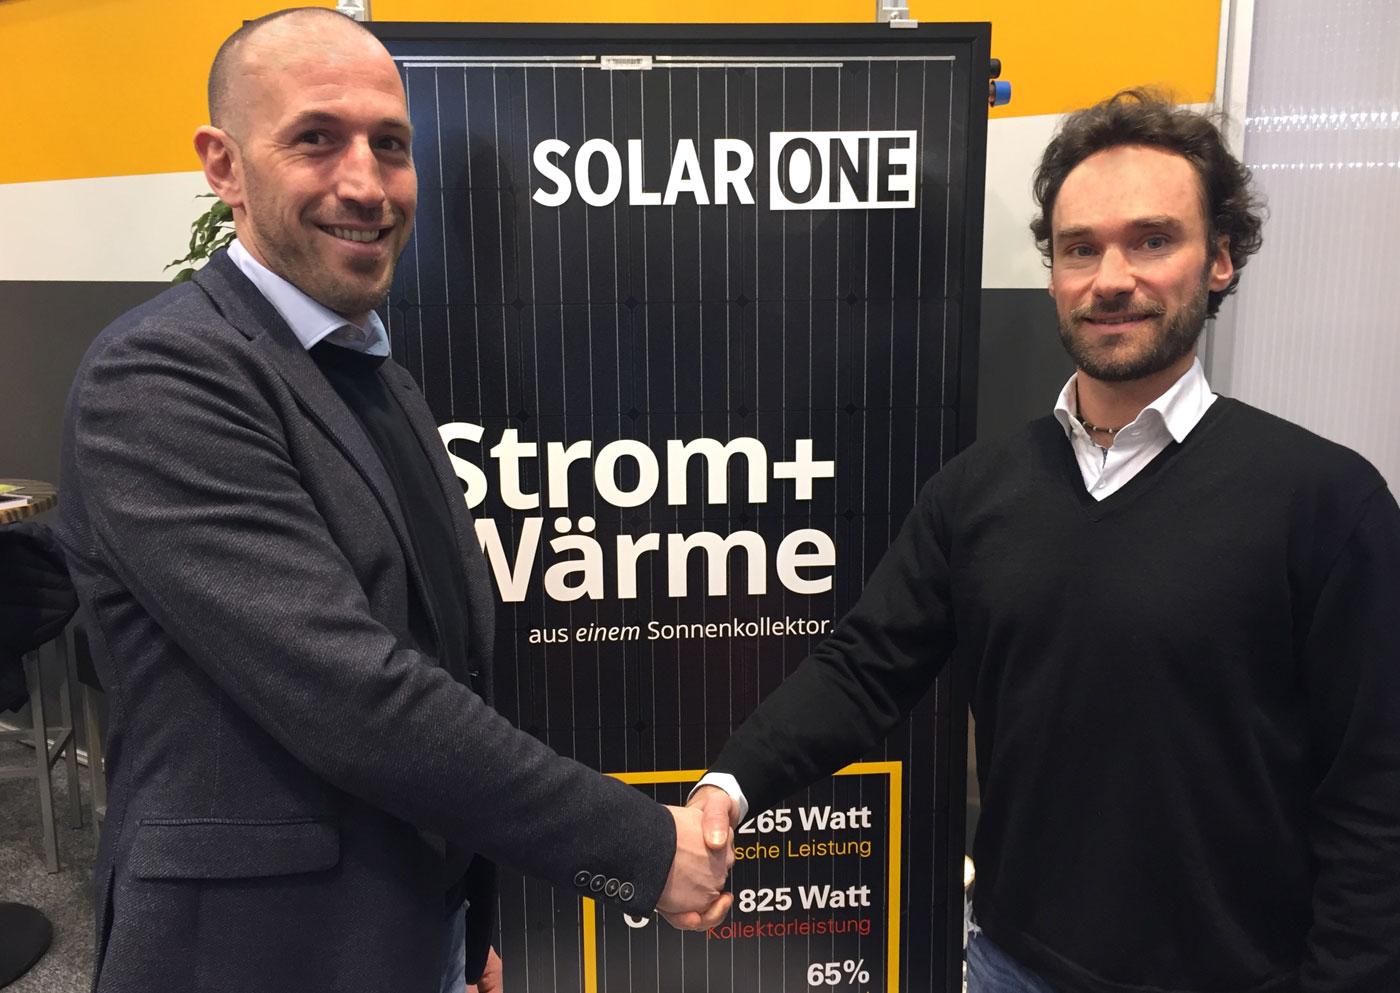 Ronald Gattringer, Geschäftsführer von Gasokol, und Alexander Friedrich, Geschäftsführer von 3F Solar.